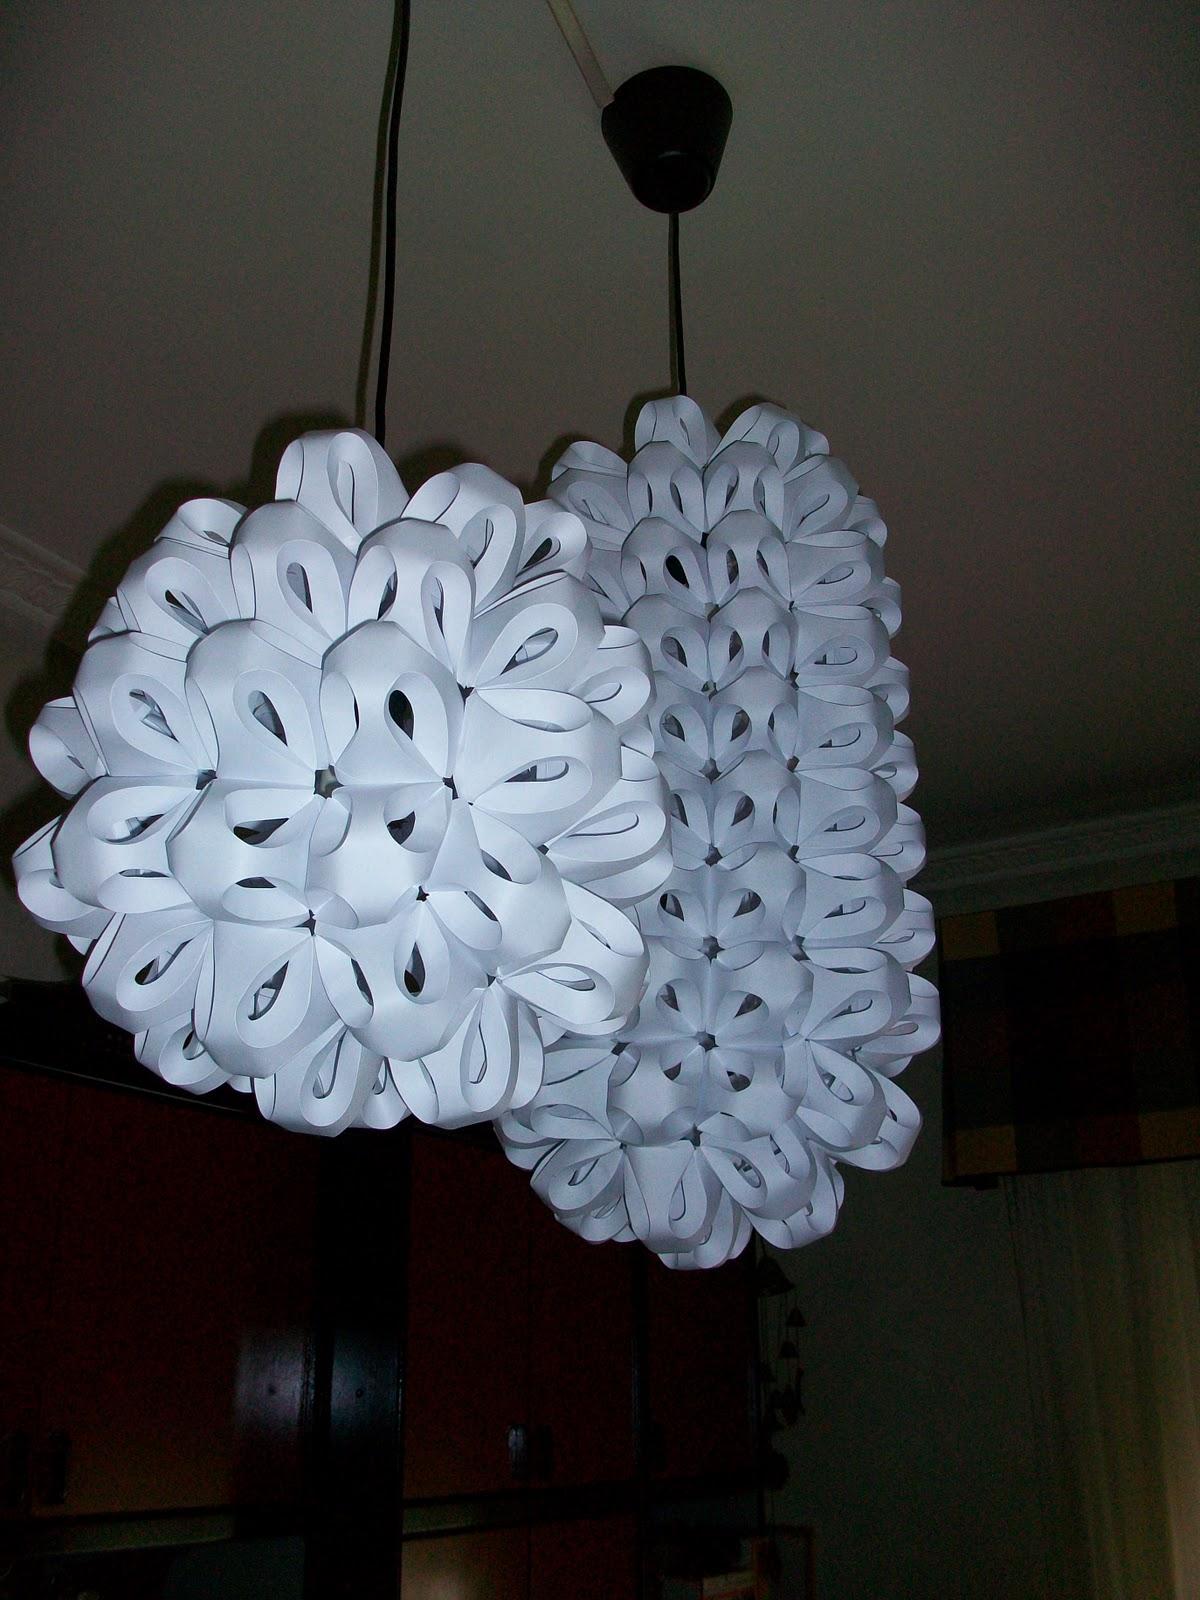 Manualidades lamparas de techo - Lamparas de techo de papel ...